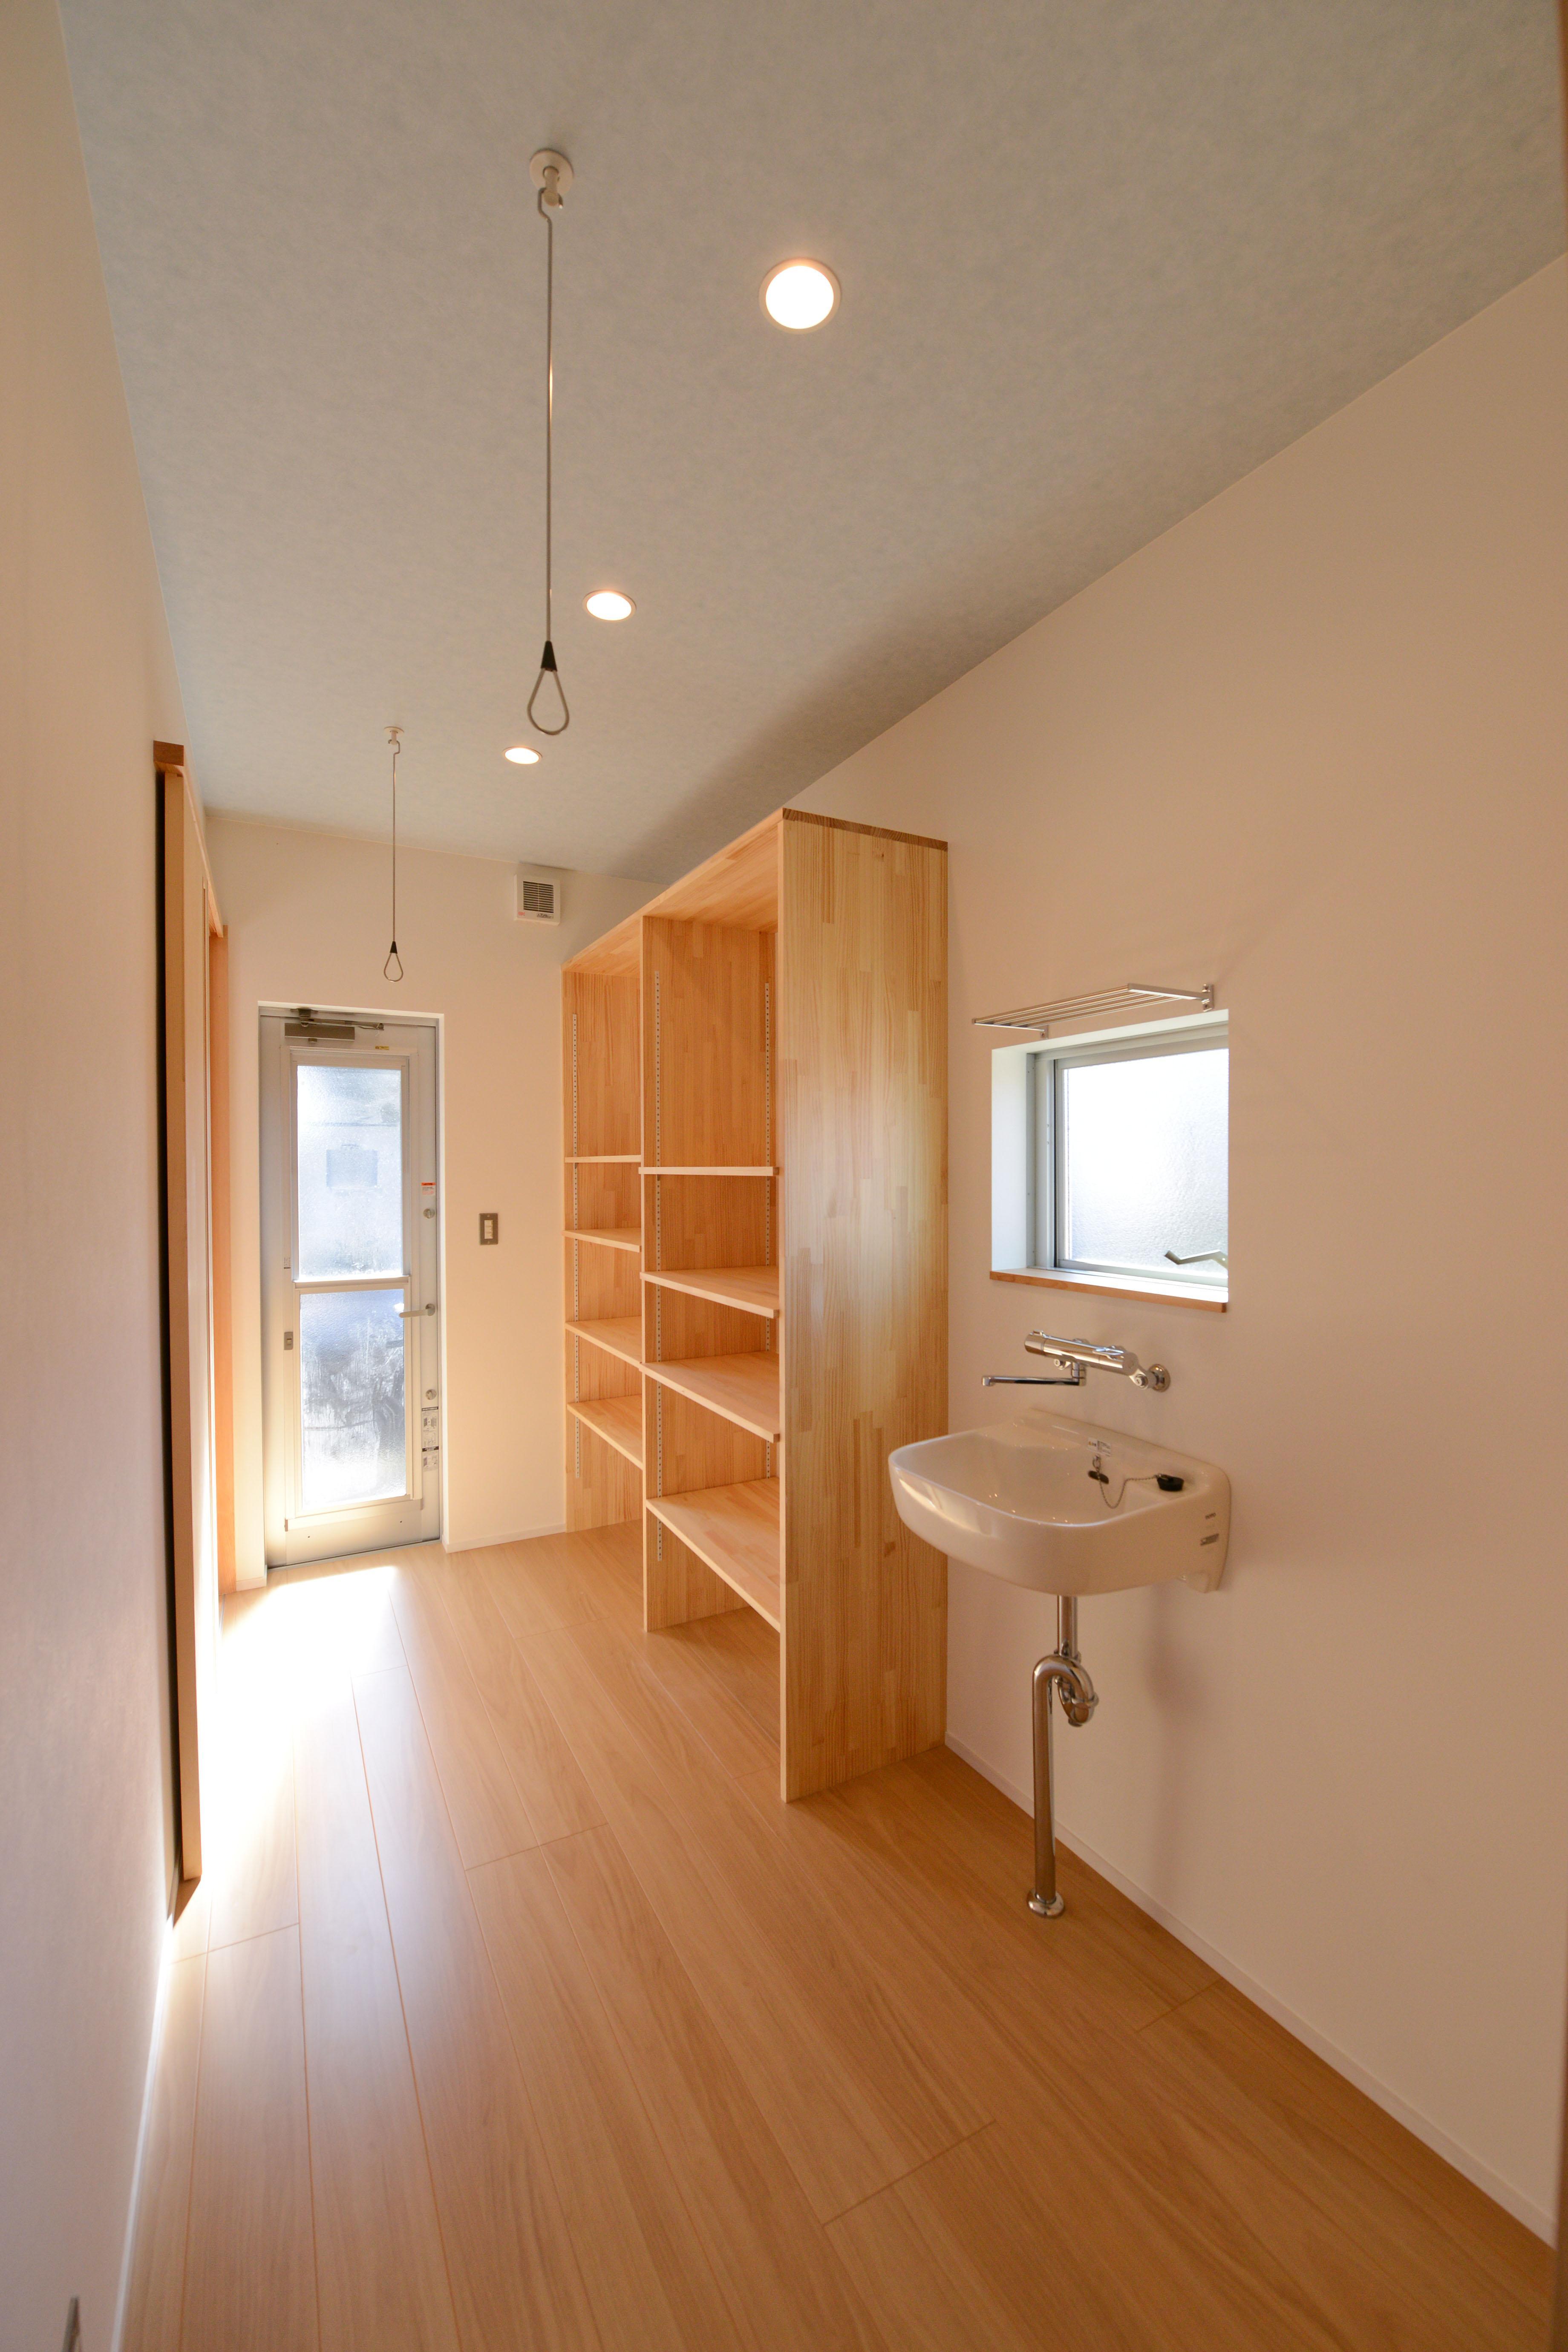 豊田市の家2の部屋 廊下にある手洗い場